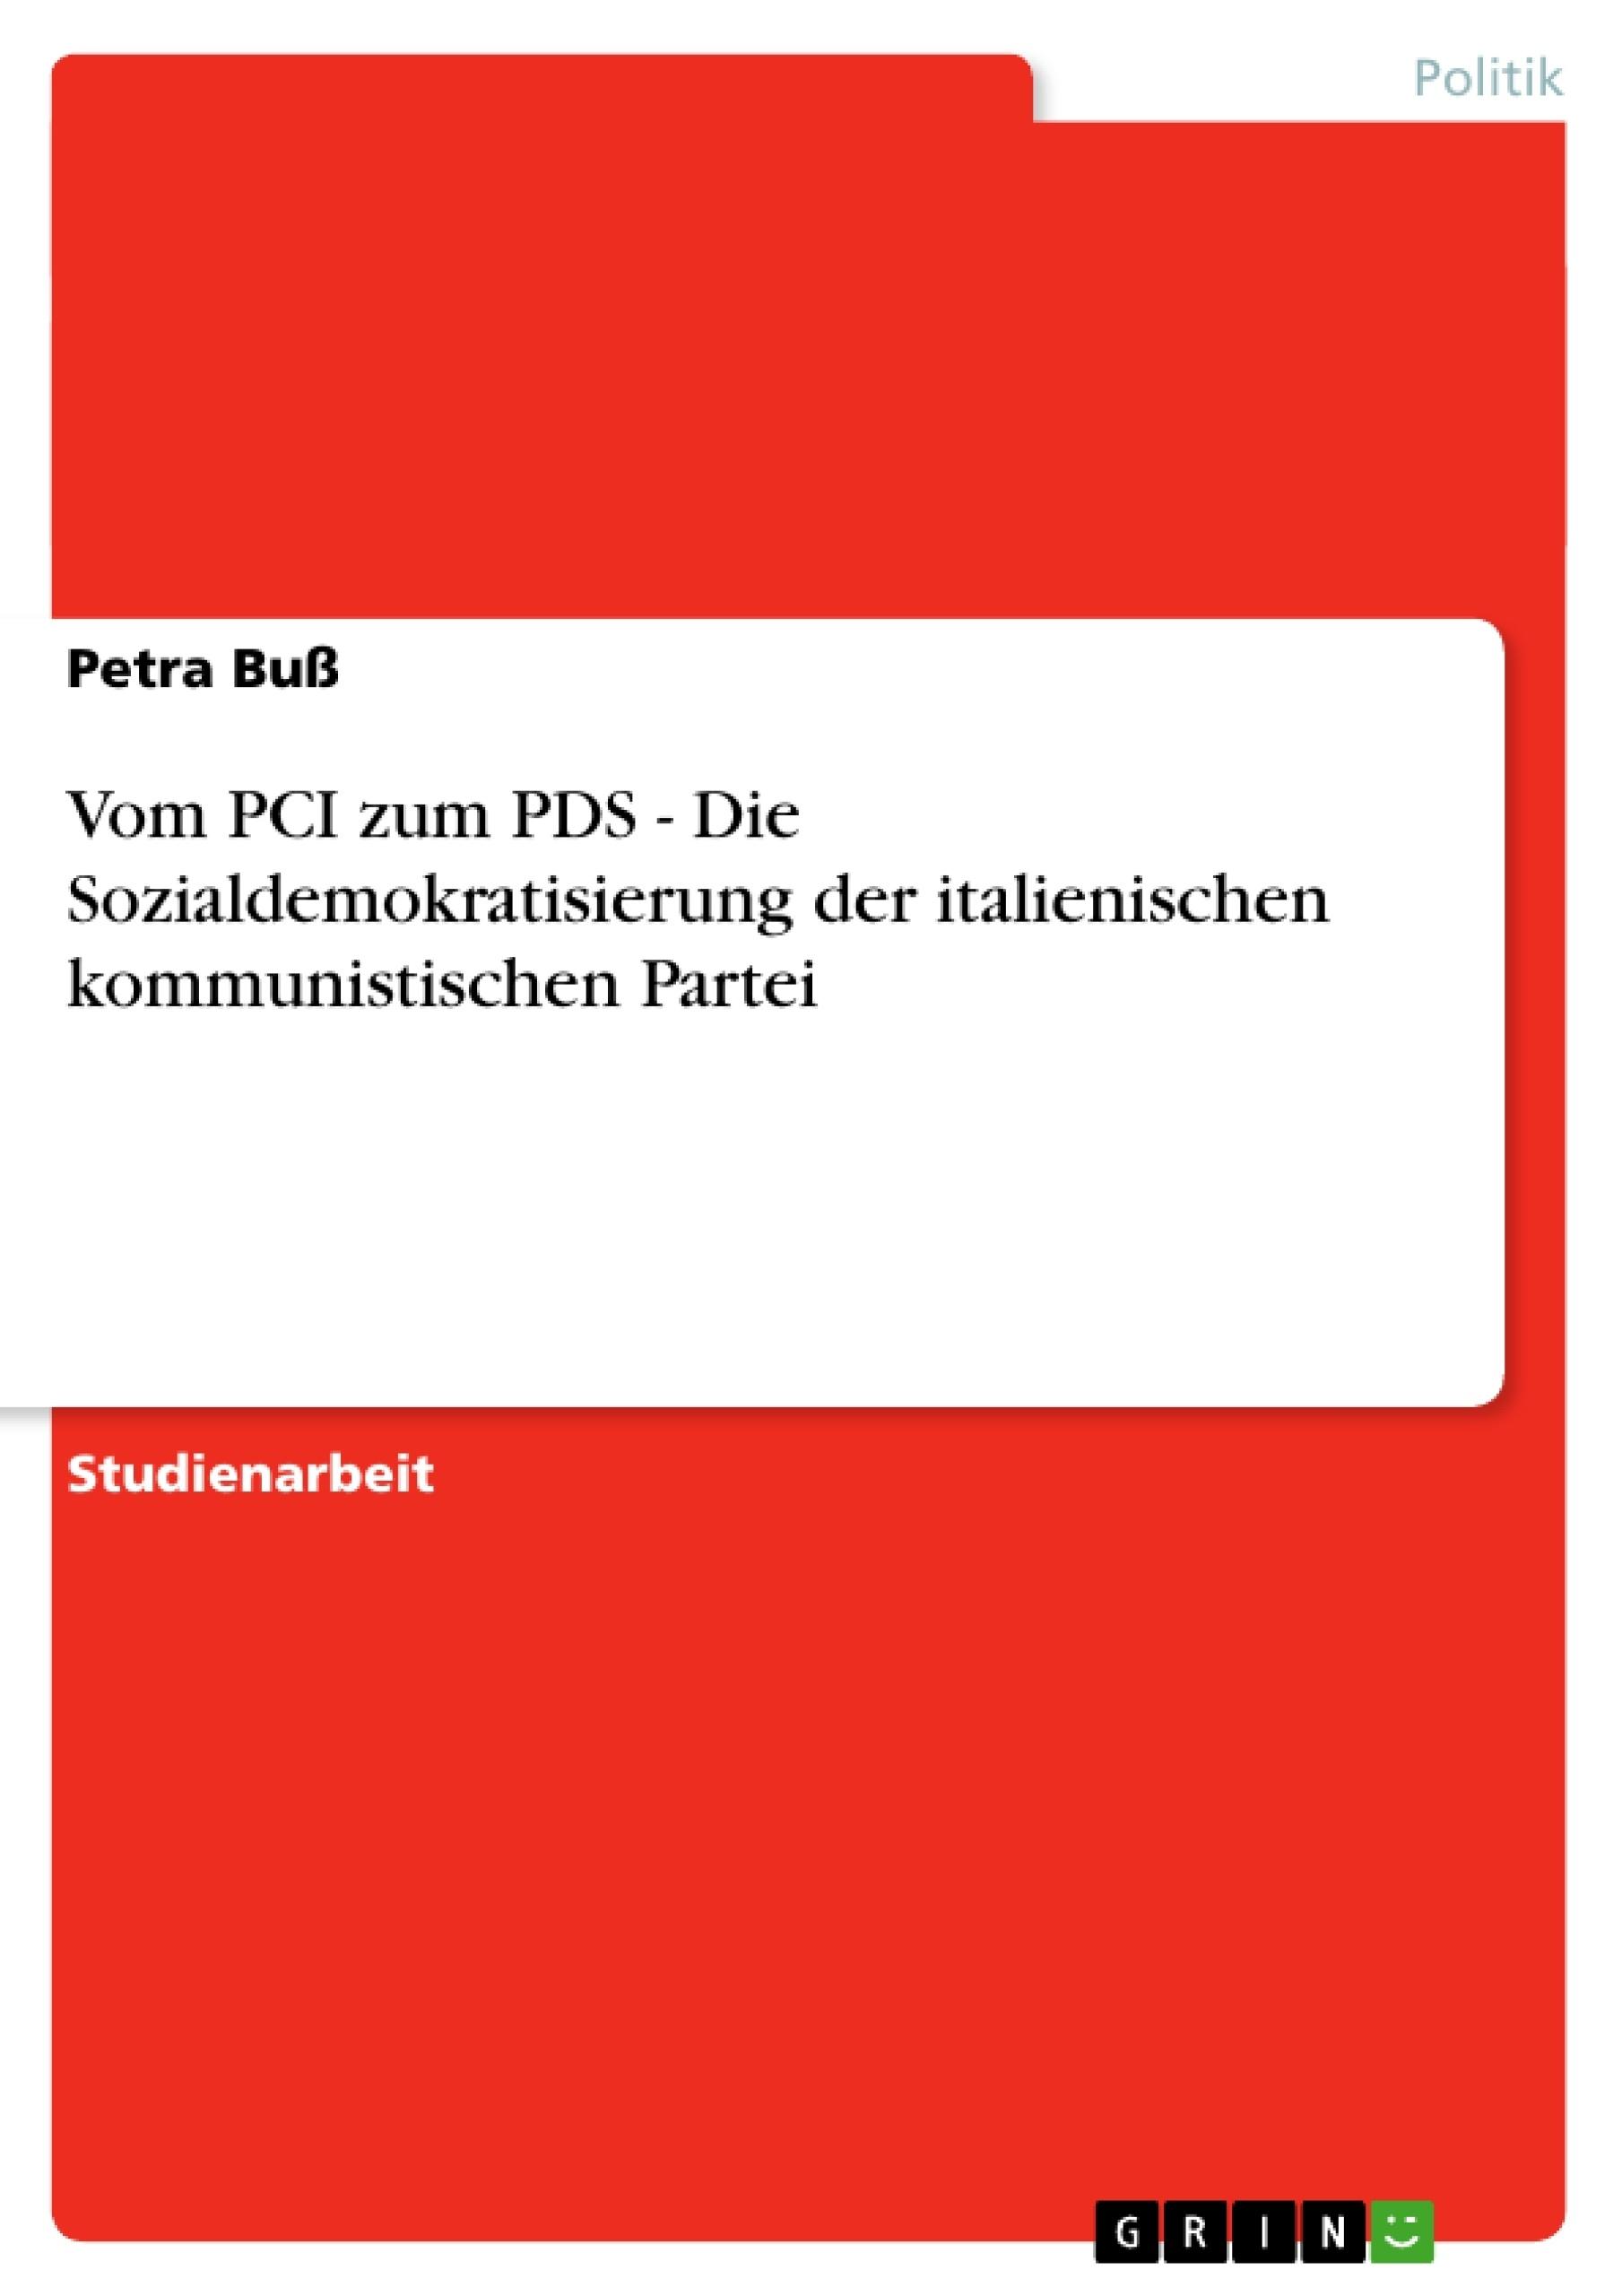 Titel: Vom PCI zum PDS - Die Sozialdemokratisierung der italienischen kommunistischen Partei